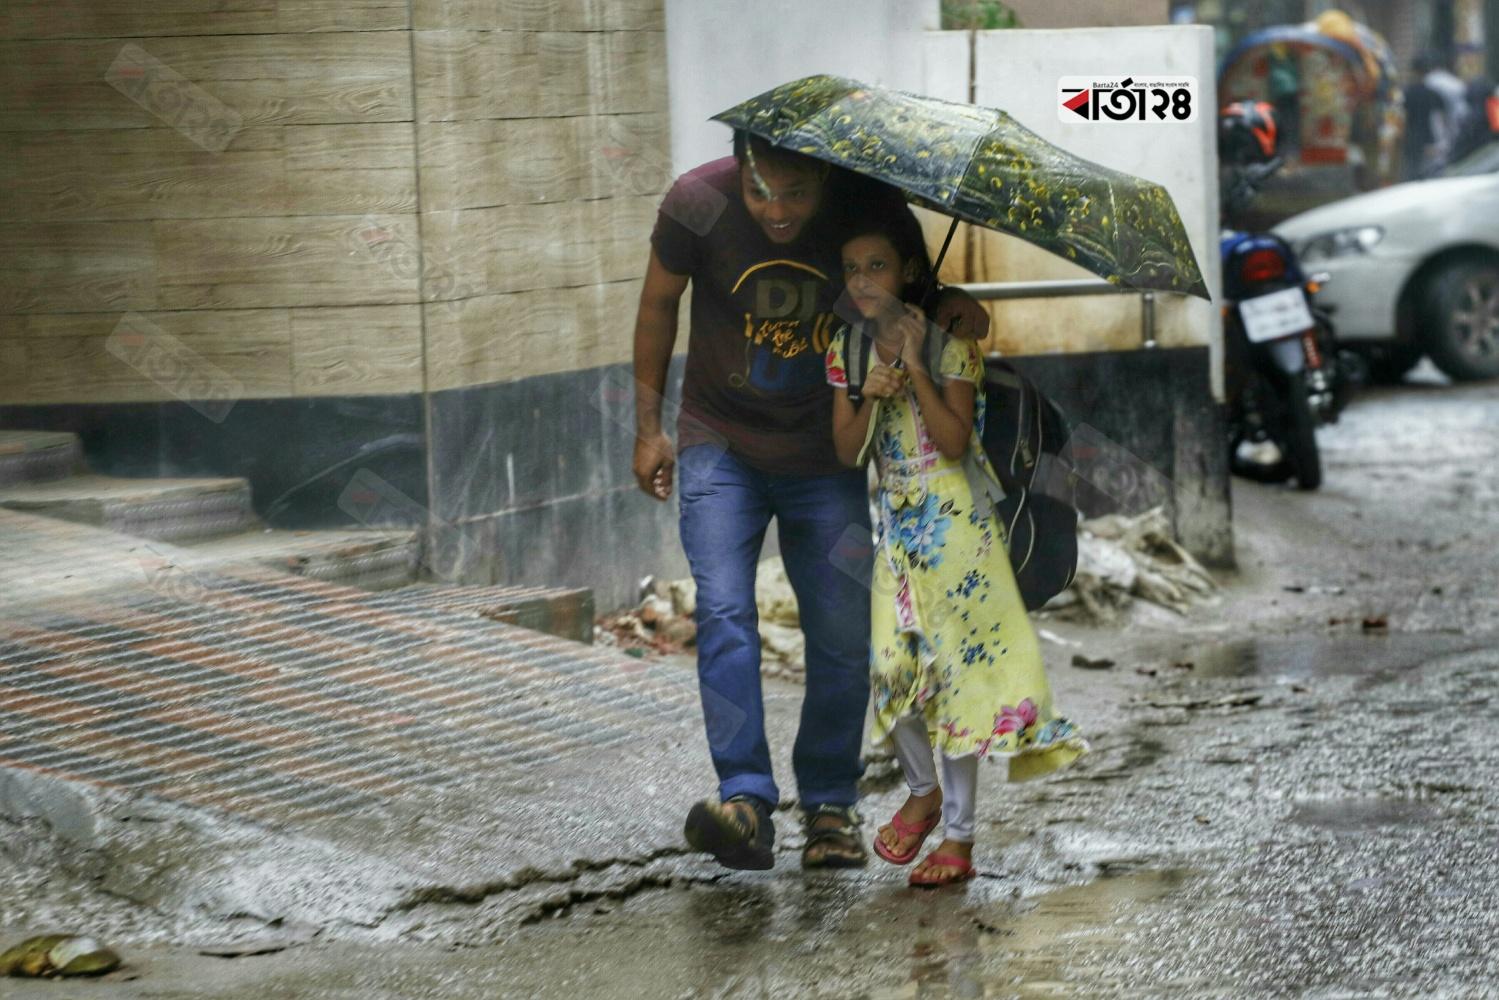 বৈরী আবহাওয়ার কারনে রাজধানীতে থেমে থেমে বৃষ্টি। ছবি : সুমন শেখ